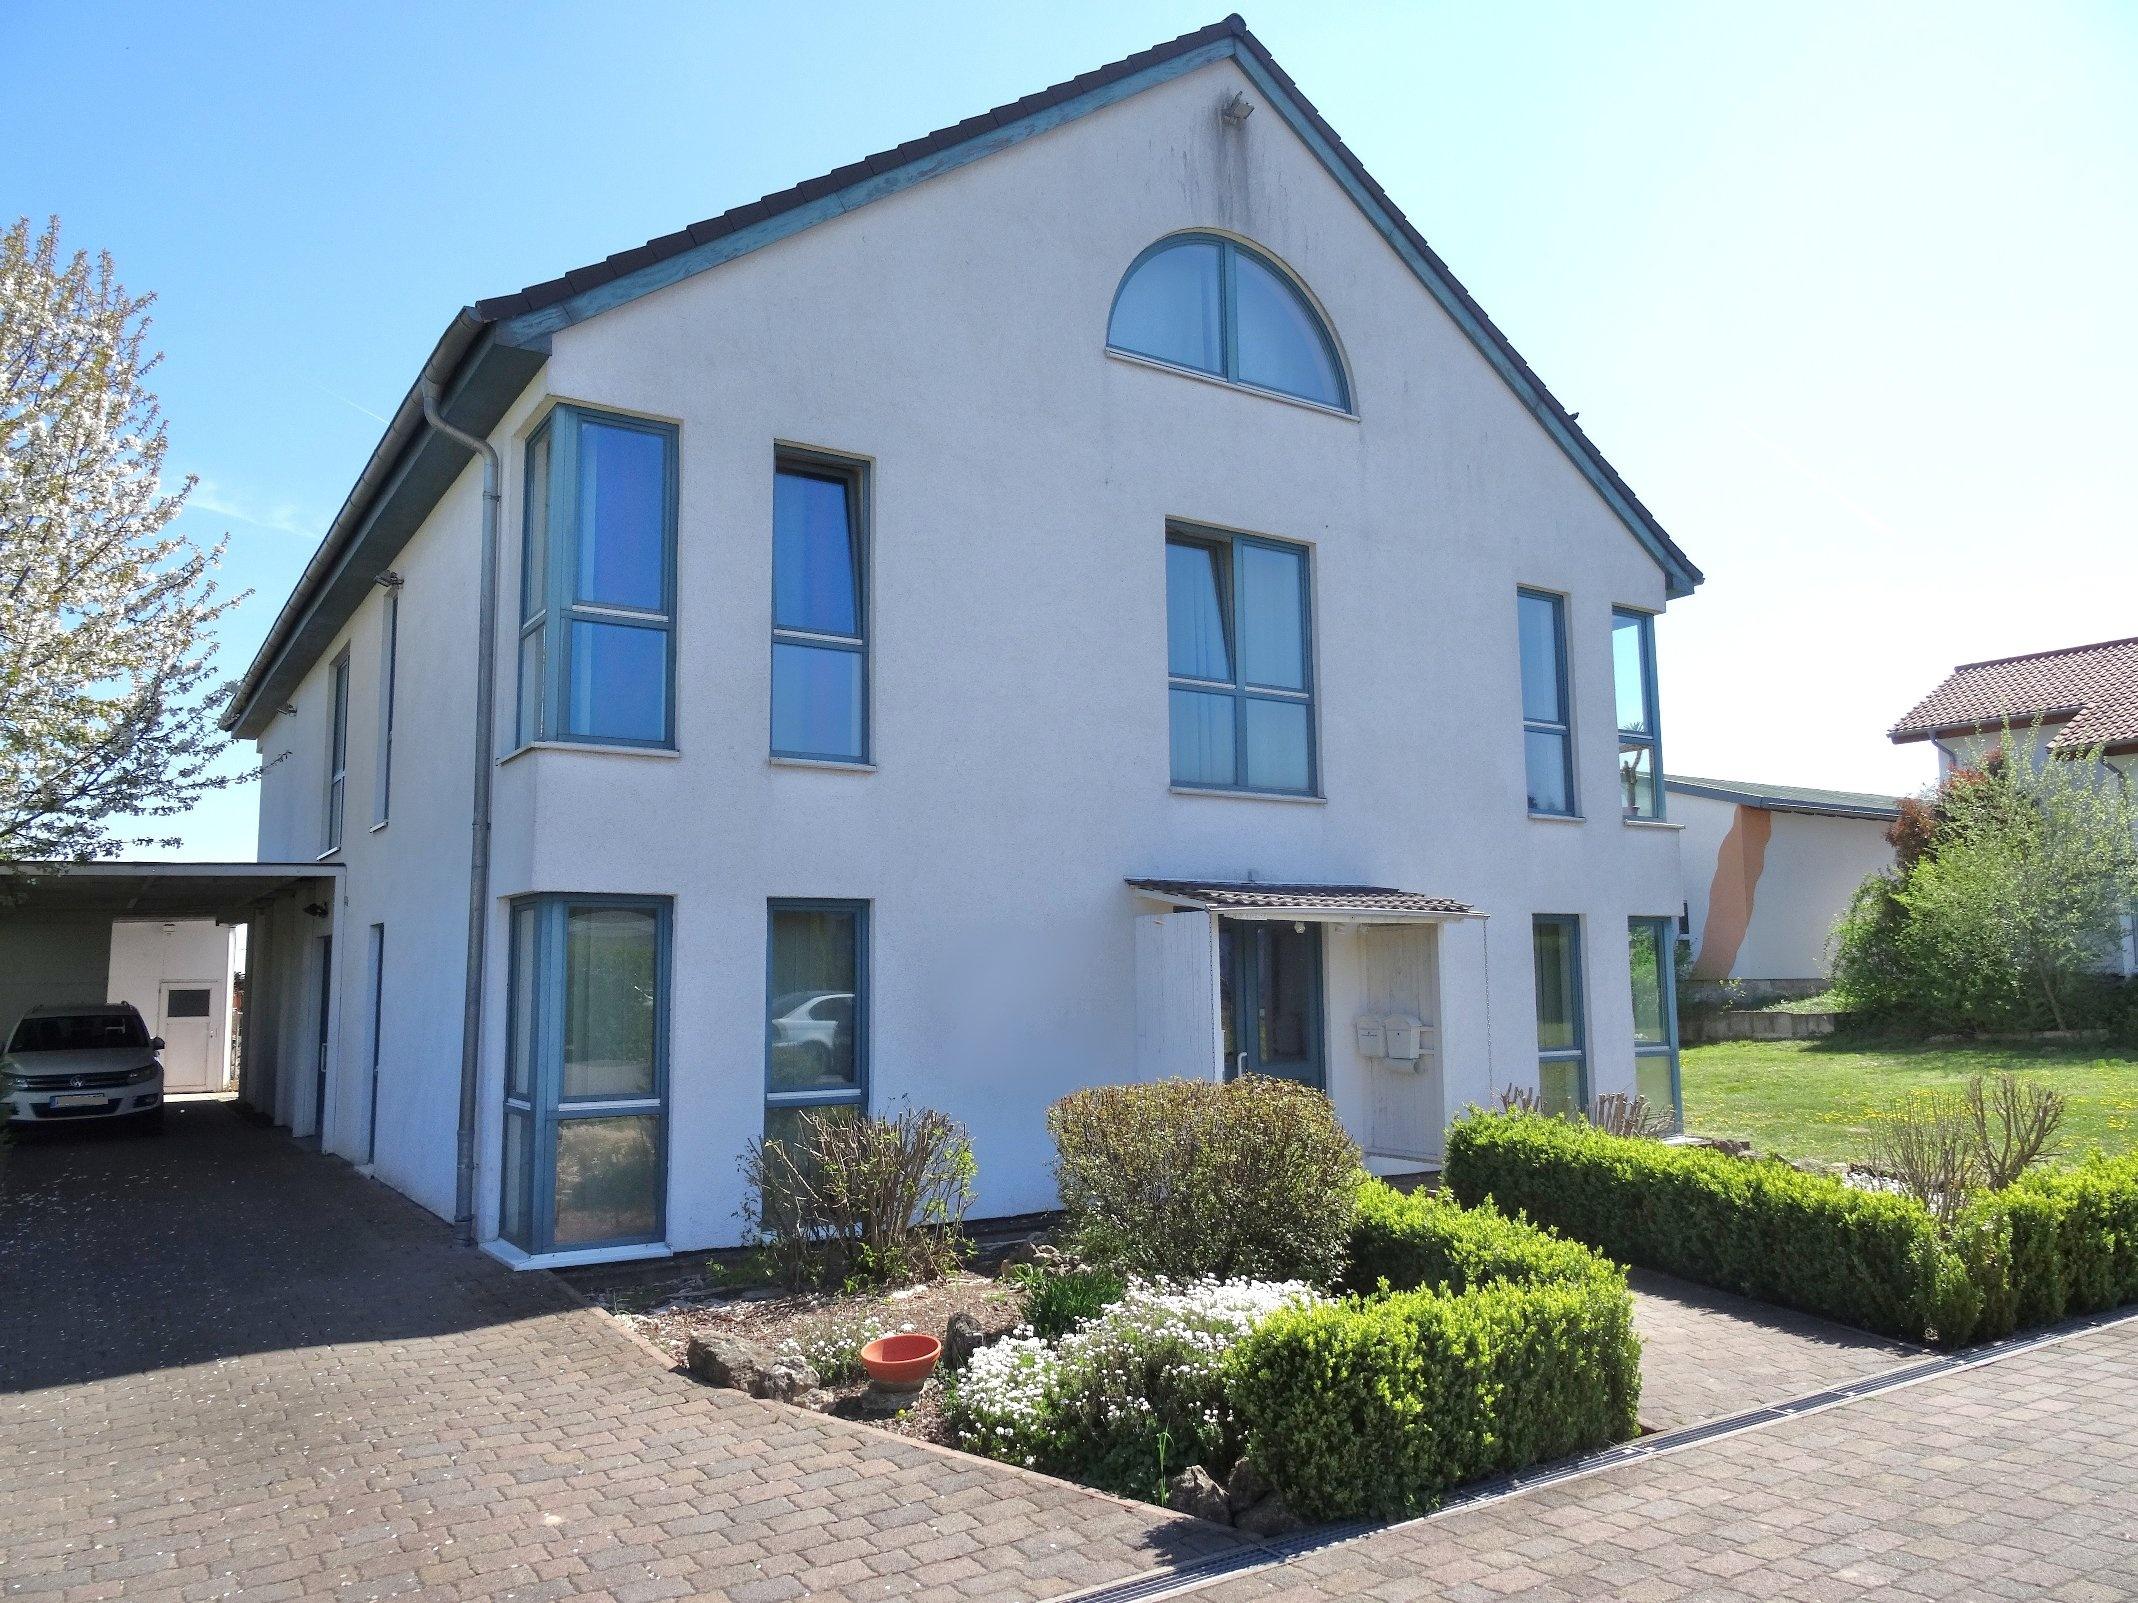 Wohn- und Gewerbegebäude inkl. großem Grundstück (Bauplatz!) in Flörsheim-Dalsheim!, 67592 Flörsheim Dalsheim, Mehrfamilienhaus